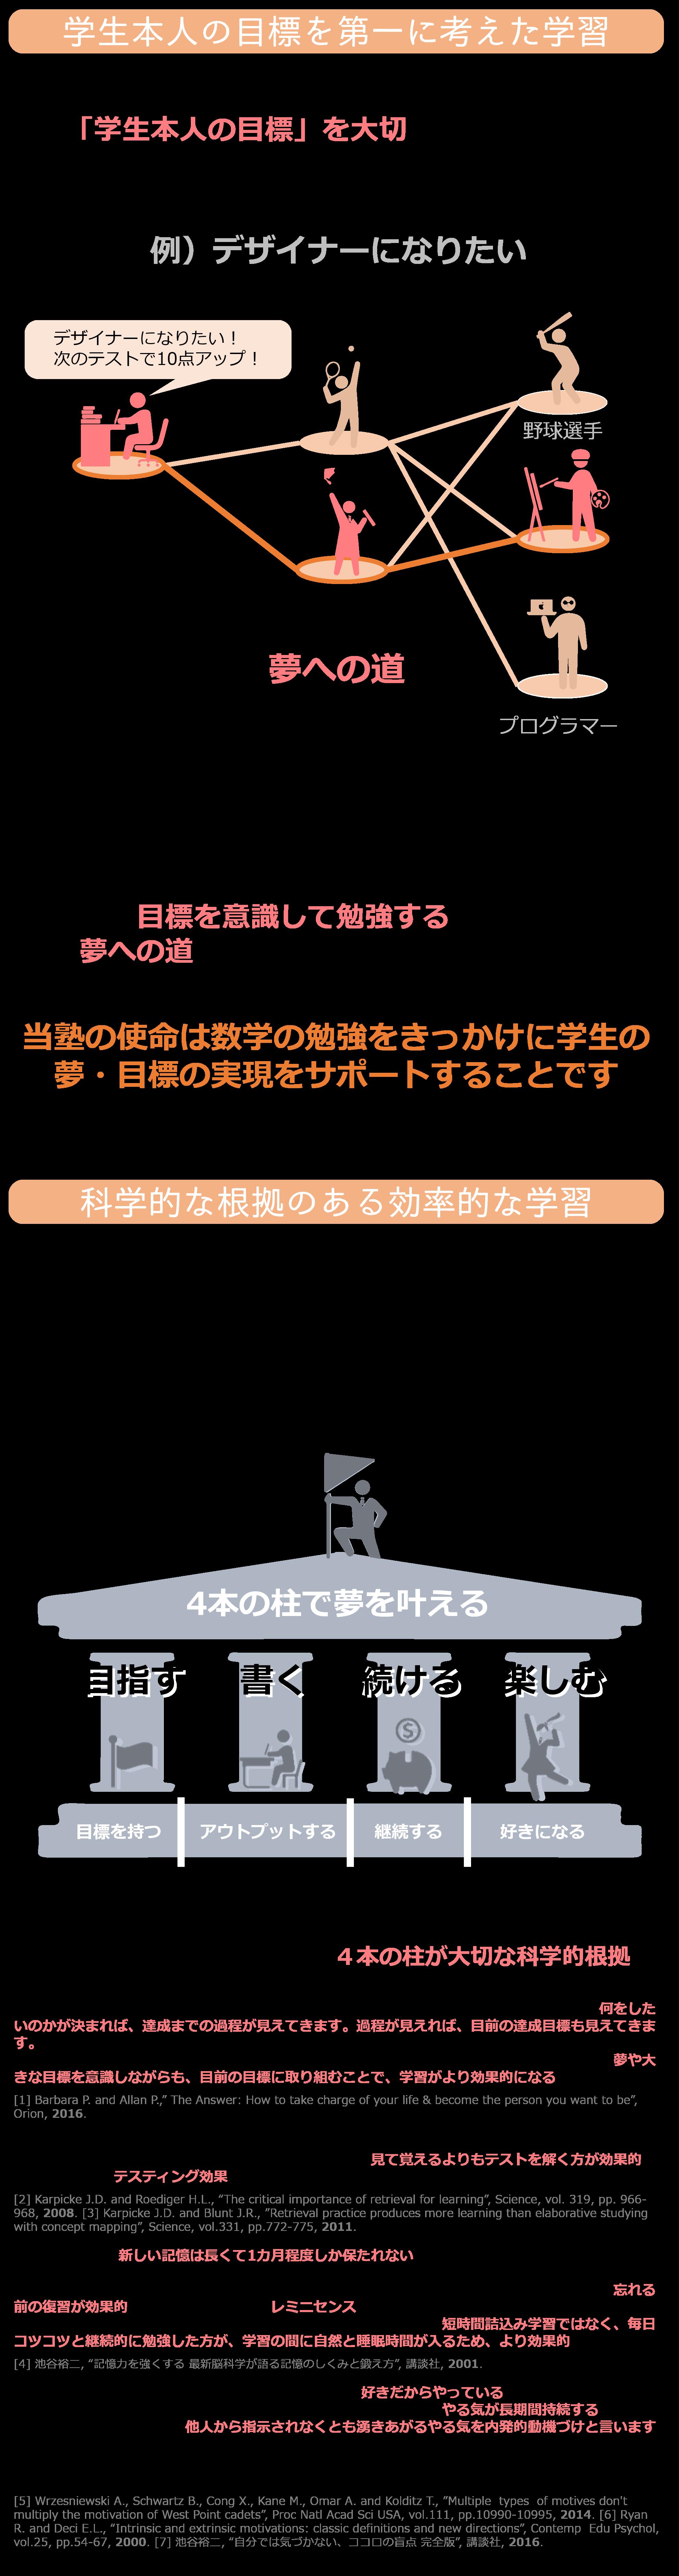 タカラオンラインゼミナール_タカラゼミ_塾の方針